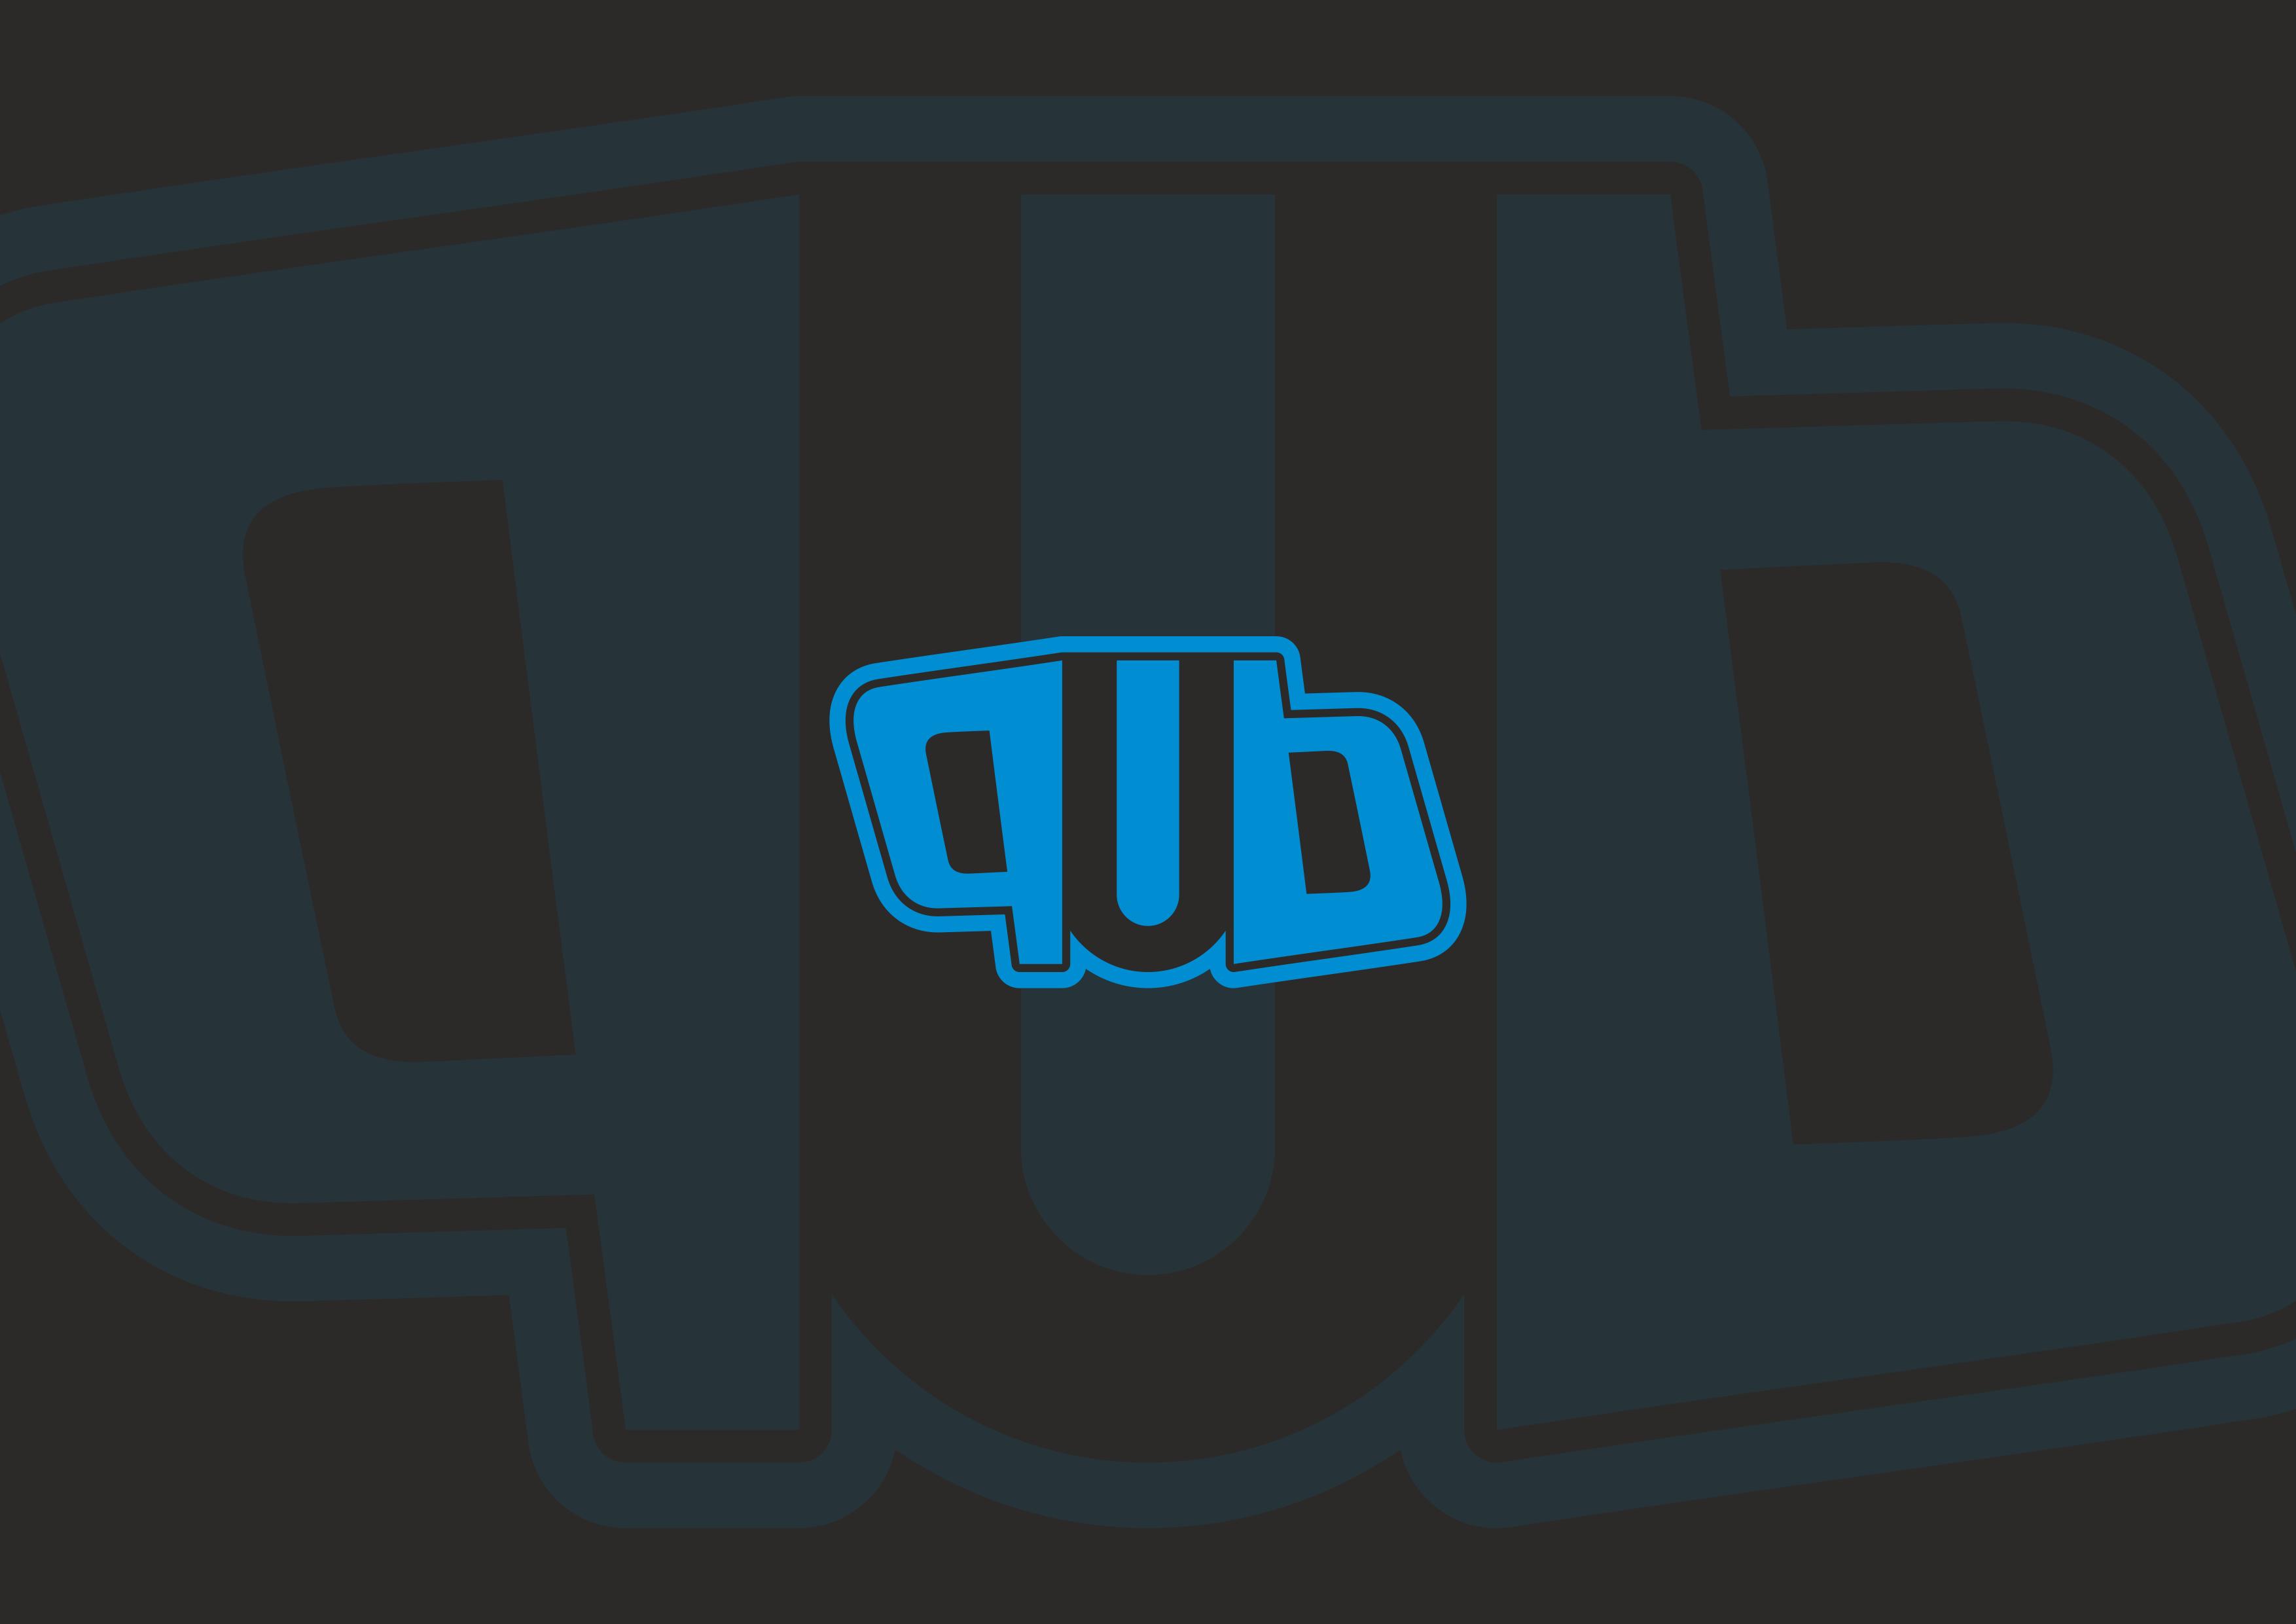 Разработка логотипа и фирменного стиля для ТМ фото f_0325f1cb3952246b.png